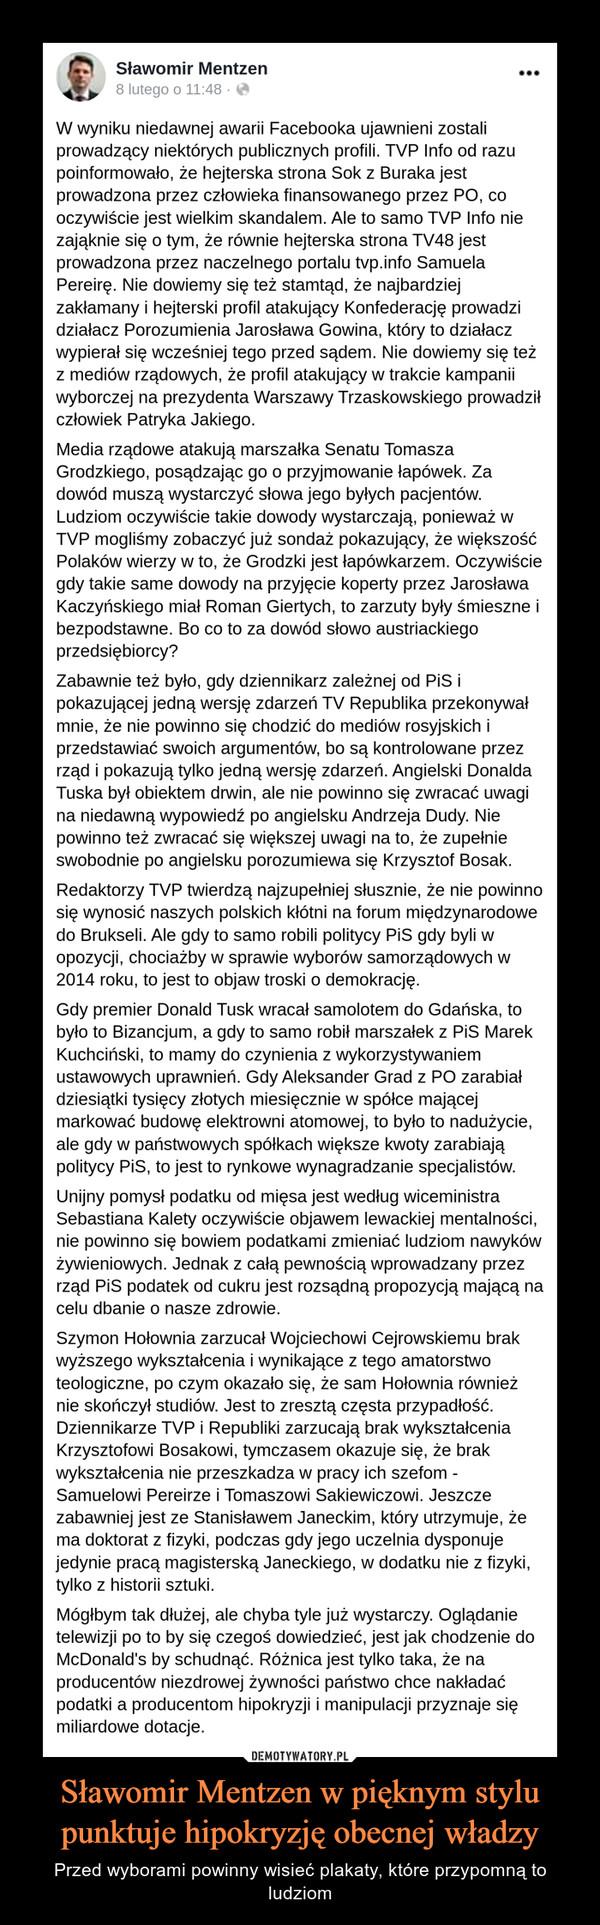 Sławomir Mentzen w pięknym stylu punktuje hipokryzję obecnej władzy – Przed wyborami powinny wisieć plakaty, które przypomną to ludziom W wyniku niedawnej awarii Facebooka ujawnieni zostali prowadzący niektórych publicznych profili. TVP Info od razu poinformowało, że hejterska strona Sok z Buraka jest prowadzona przez człowieka finansowanego przez PO, co oczywiście jest wielkim skandalem. Ale to samo TVP Info nie zająknie się o tym, że równie hejterska strona TV48 jest prowadzona przez naczelnego portalu tvp.info Samuela Pereirę. Nie dowiemy się też stamtąd, że najbardziej zakłamany i hejterski profil atakujący Konfederację prowadzi działacz Porozumienia Jarosława Gowina, który to działacz wypierał się wcześniej tego przed sądem. Nie dowiemy się też z mediów rządowych, że profil atakujący w trakcie kampanii wyborczej na prezydenta Warszawy Trzaskowskiego prowadził człowiek Patryka Jakiego.Media rządowe atakują marszałka Senatu Tomasza Grodzkiego, posądzając go o przyjmowanie łapówek. Za dowód muszą wystarczyć słowa jego byłych pacjentów. Ludziom oczywiście takie dowody wystarczają, ponieważ w TVP mogliśmy zobaczyć już sondaż pokazujący, że większość Polaków wierzy w to, że Grodzki jest łapówkarzem. Oczywiście gdy takie same dowody na przyjęcie koperty przez Jarosława Kaczyńskiego miał Roman Giertych, to zarzuty były śmieszne i bezpodstawne. Bo co to za dowód słowo austriackiego przedsiębiorcy?Zabawnie też było, gdy dziennikarz zależnej od PiS i pokazującej jedną wersję zdarzeń TV Republika przekonywał mnie, że nie powinno się chodzić do mediów rosyjskich i przedstawiać swoich argumentów, bo są kontrolowane przez rząd i pokazują tylko jedną wersję zdarzeń. Angielski Donalda Tuska był obiektem drwin, ale nie powinno się zwracać uwagi na niedawną wypowiedź po angielsku Andrzeja Dudy. Nie powinno też zwracać się większej uwagi na to, że zupełnie swobodnie po angielsku porozumiewa się Krzysztof Bosak.Redaktorzy TVP twierdzą najzupełniej słusznie, że nie powinno się wynos